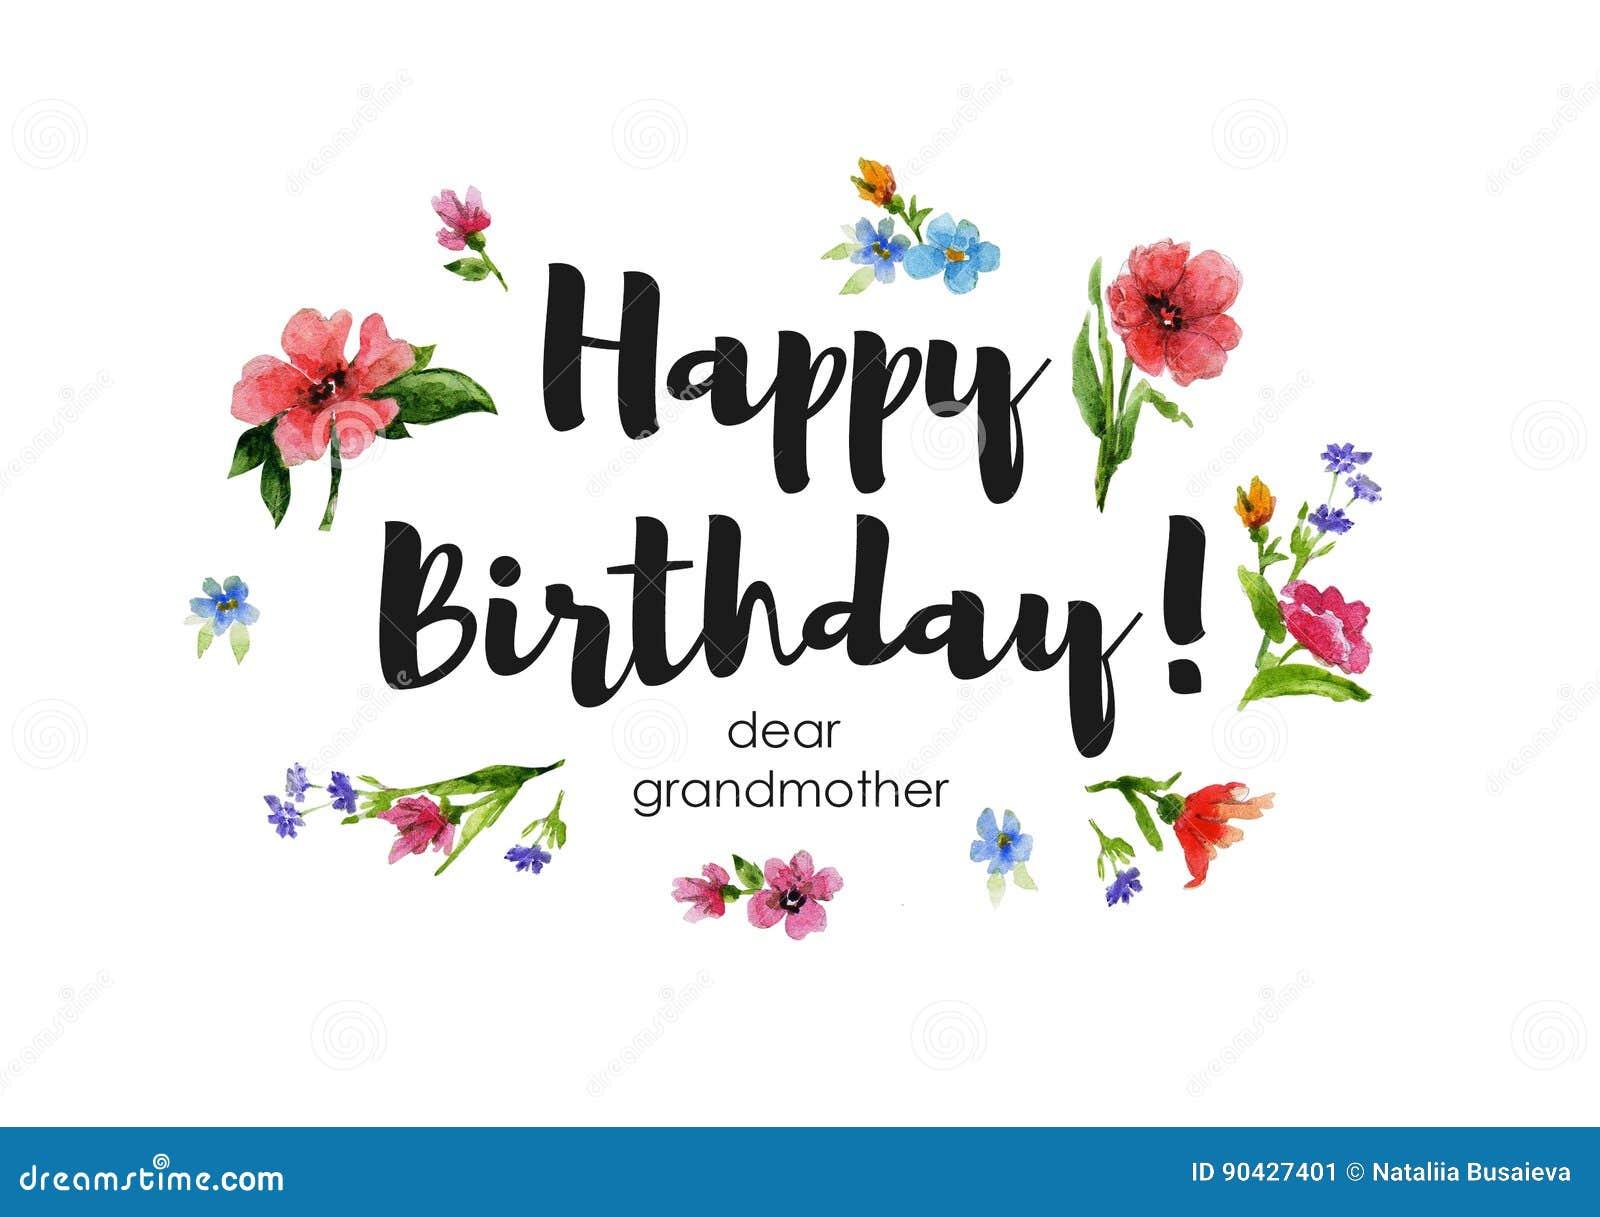 Grußkarte Liebe Großmutter Alles Gute Zum Geburtstag ...